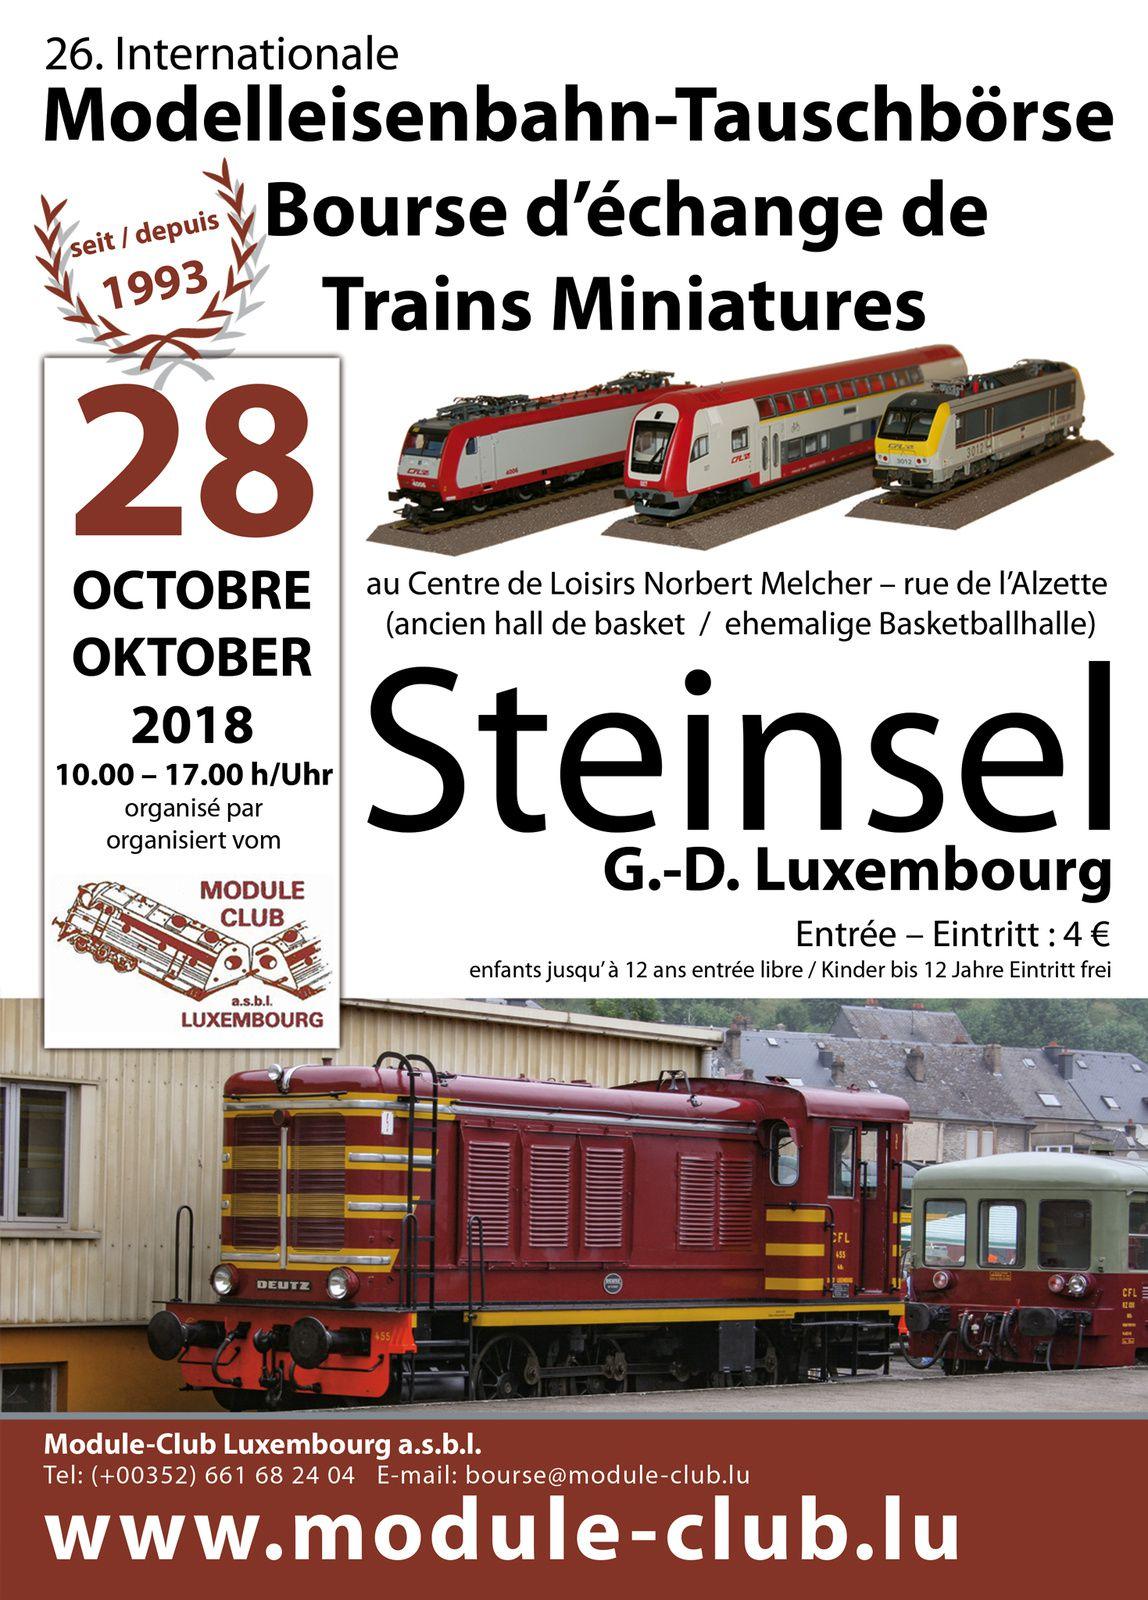 BOURSE D'ECHANGE DE TRAINS MINIATURES A STEINSEL LE 28.10.0218